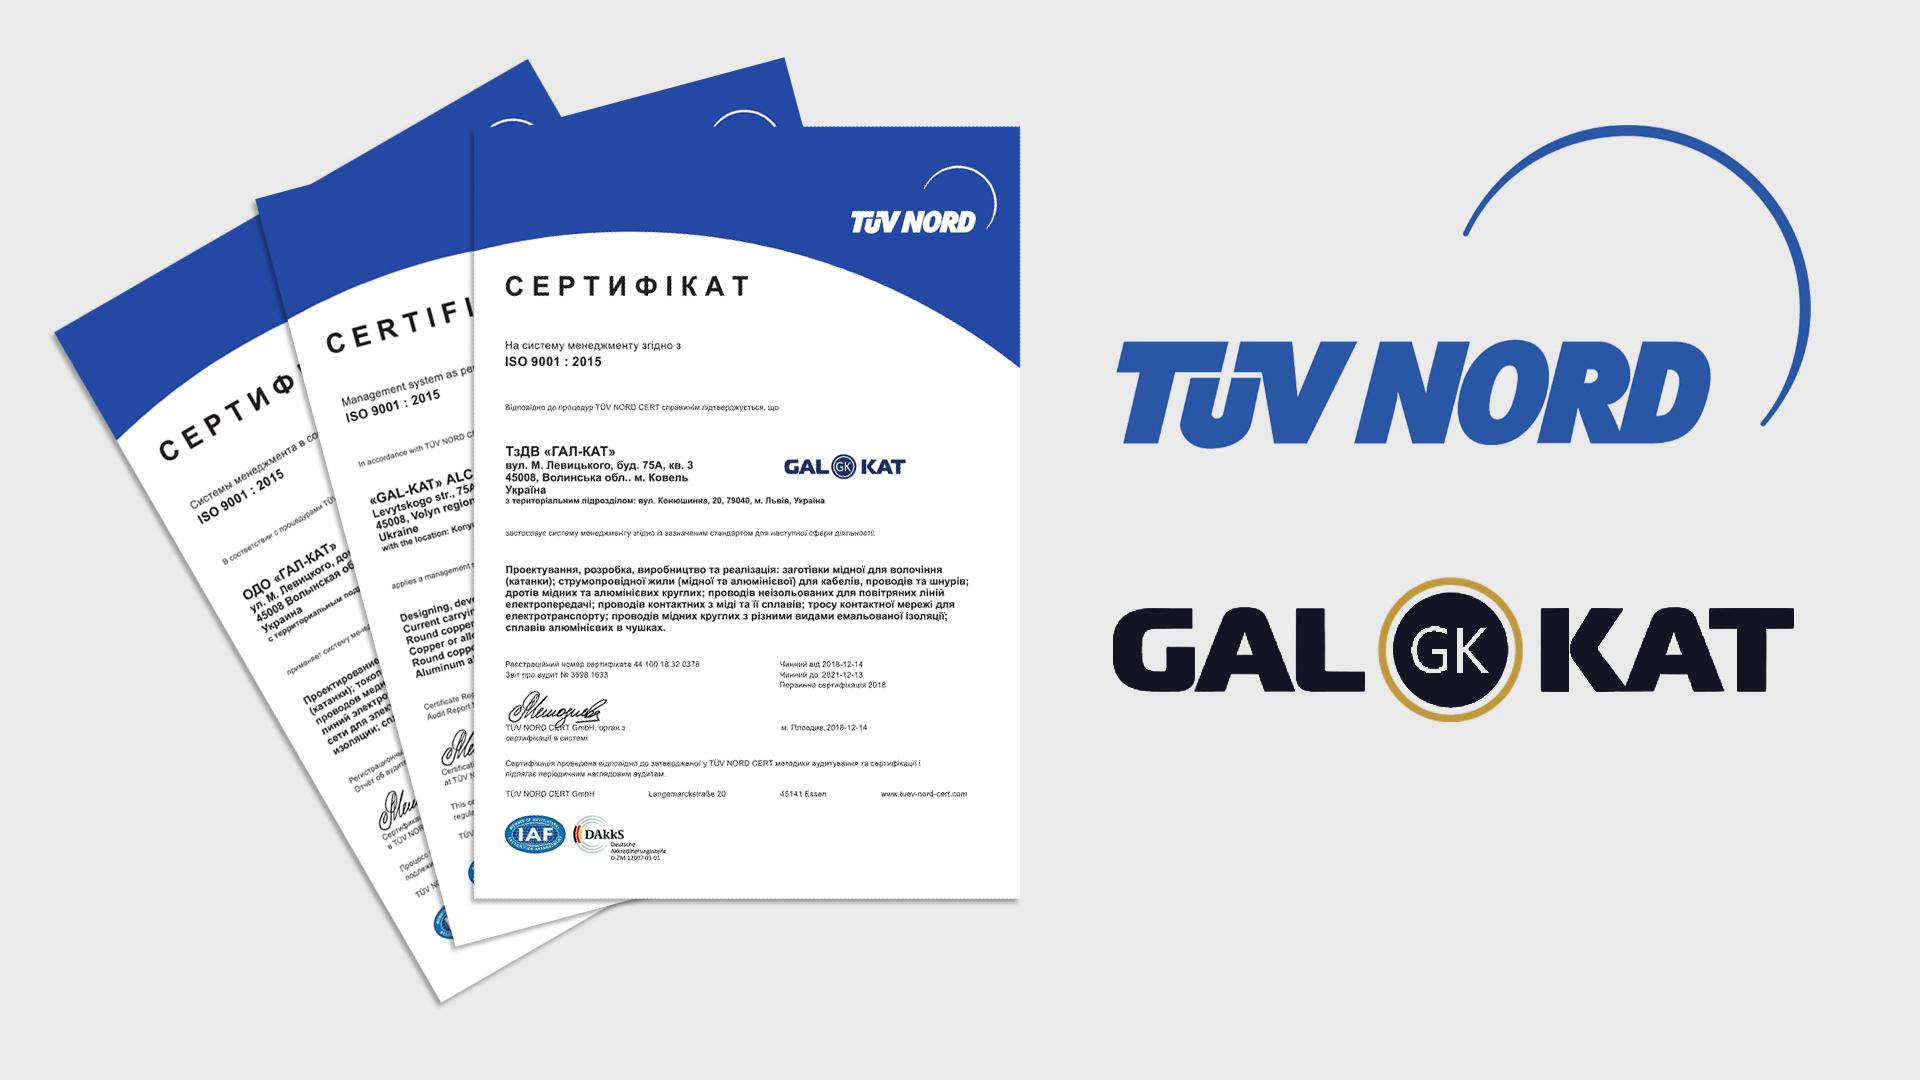 Сертифікація TUV NORD CERT